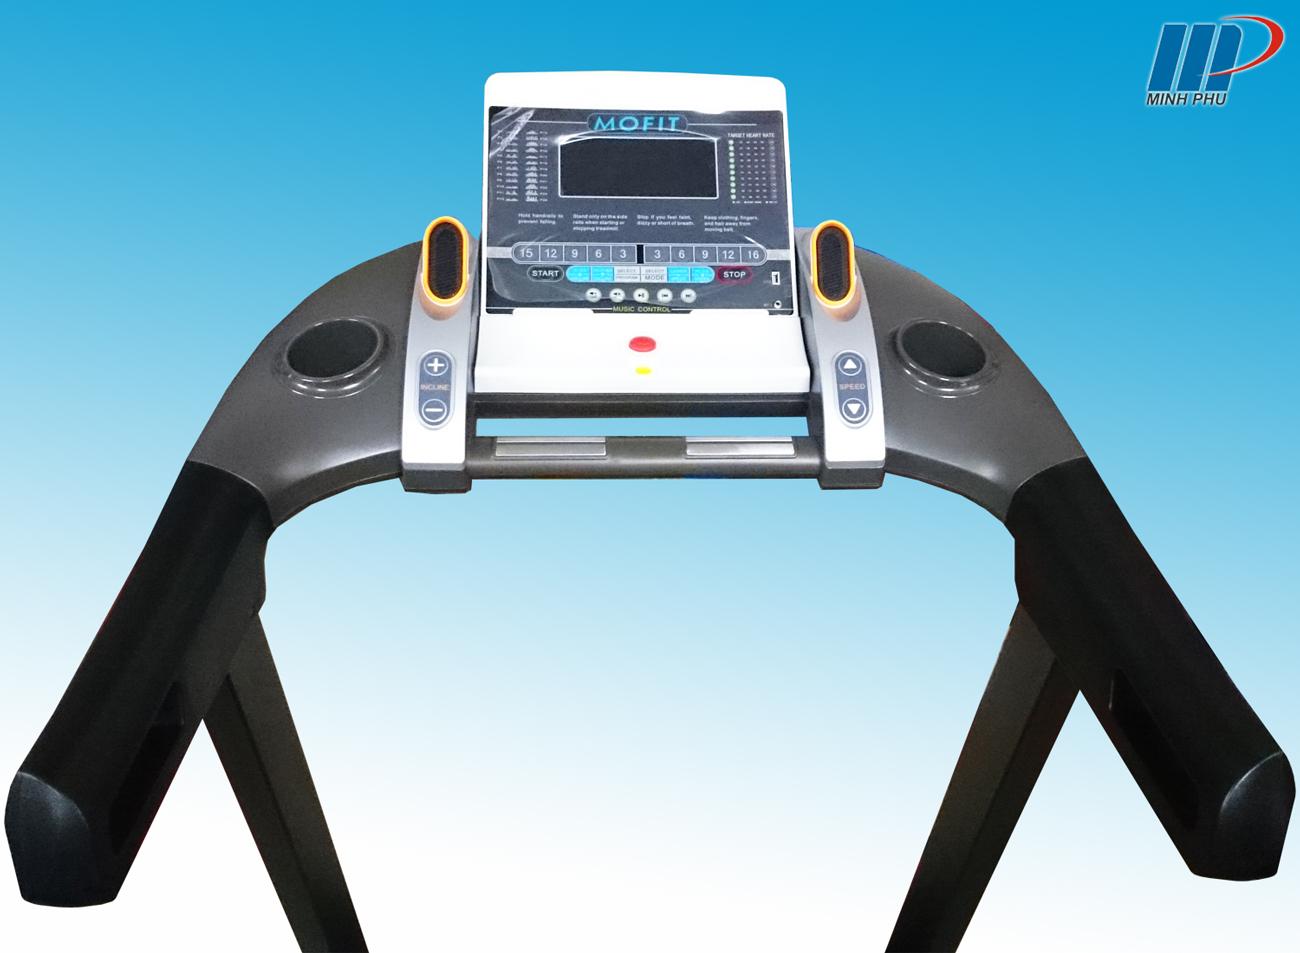 Đồng hồ hiển thị máy chạy bộ điện mht 1460